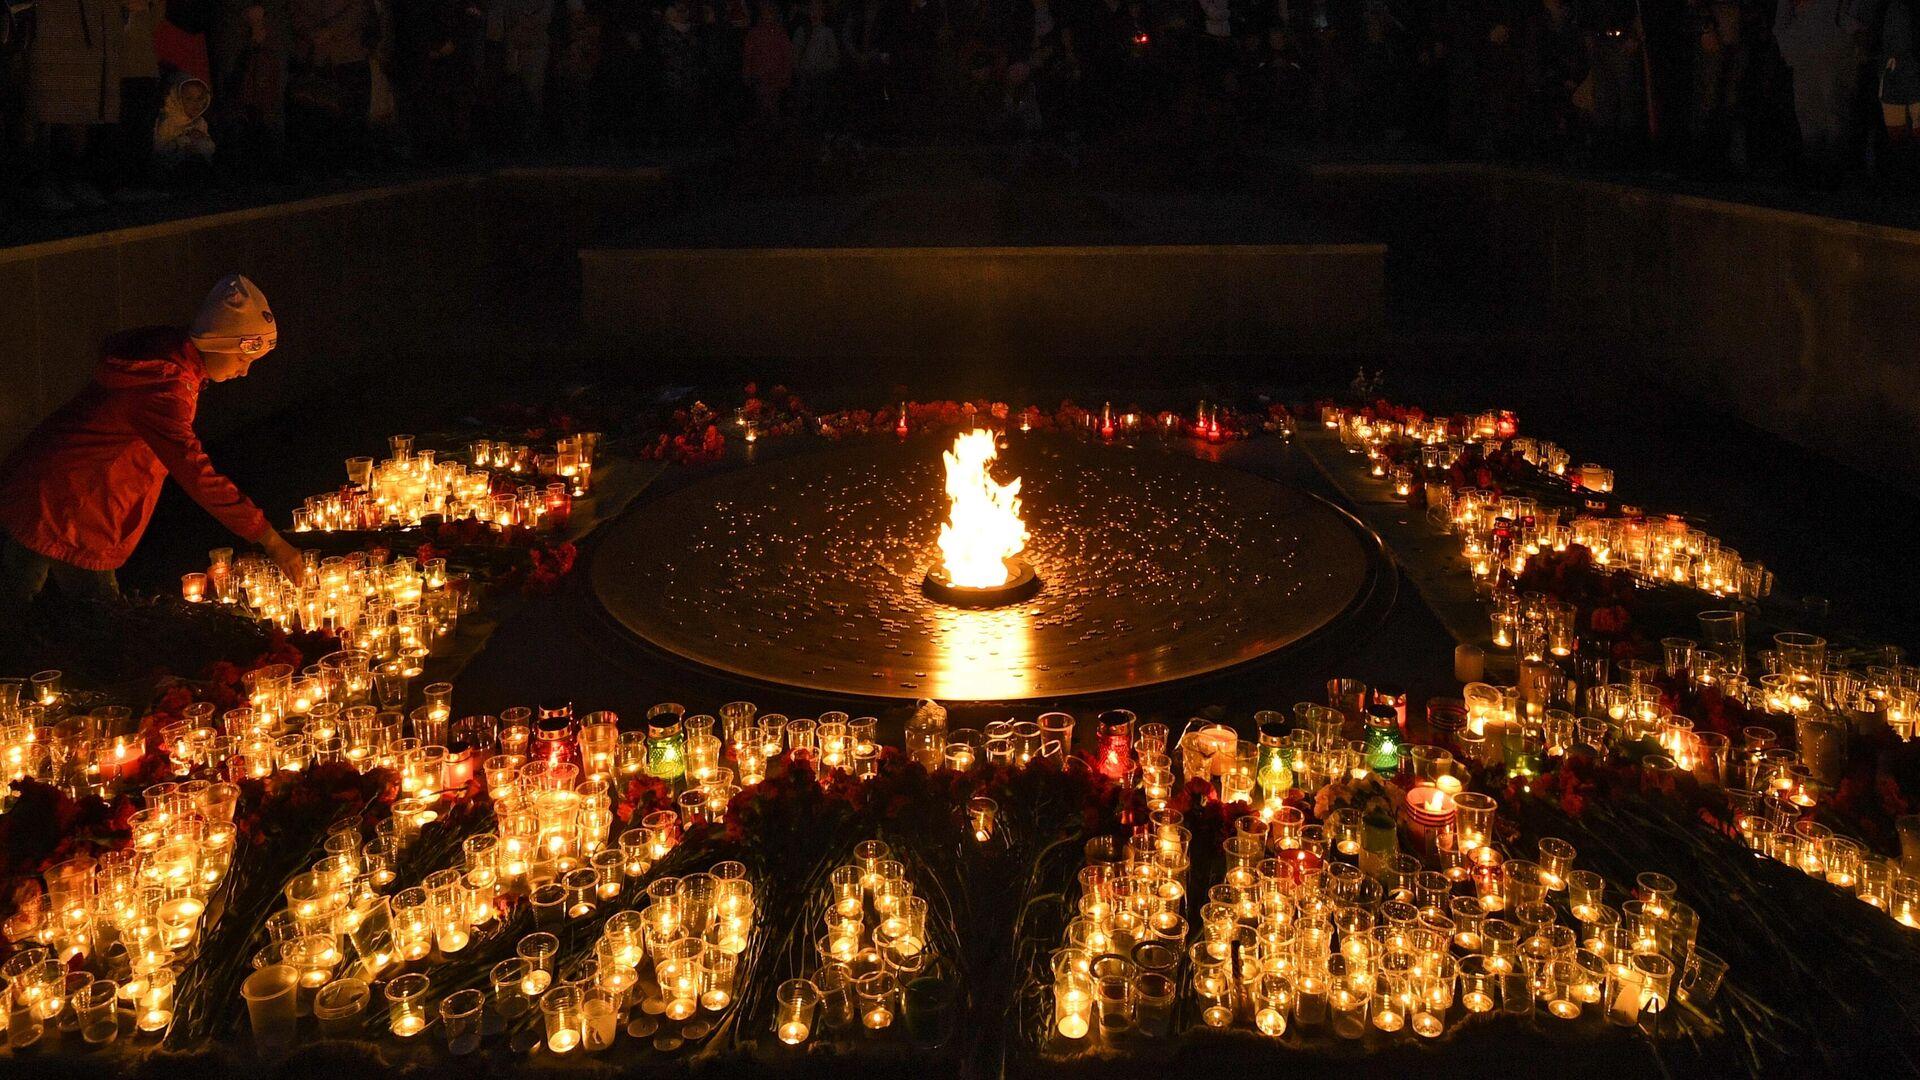 Люди зажигают свечи во время акции Свеча памяти на Монументе Славы в Новосибирске - РИА Новости, 1920, 09.05.2021